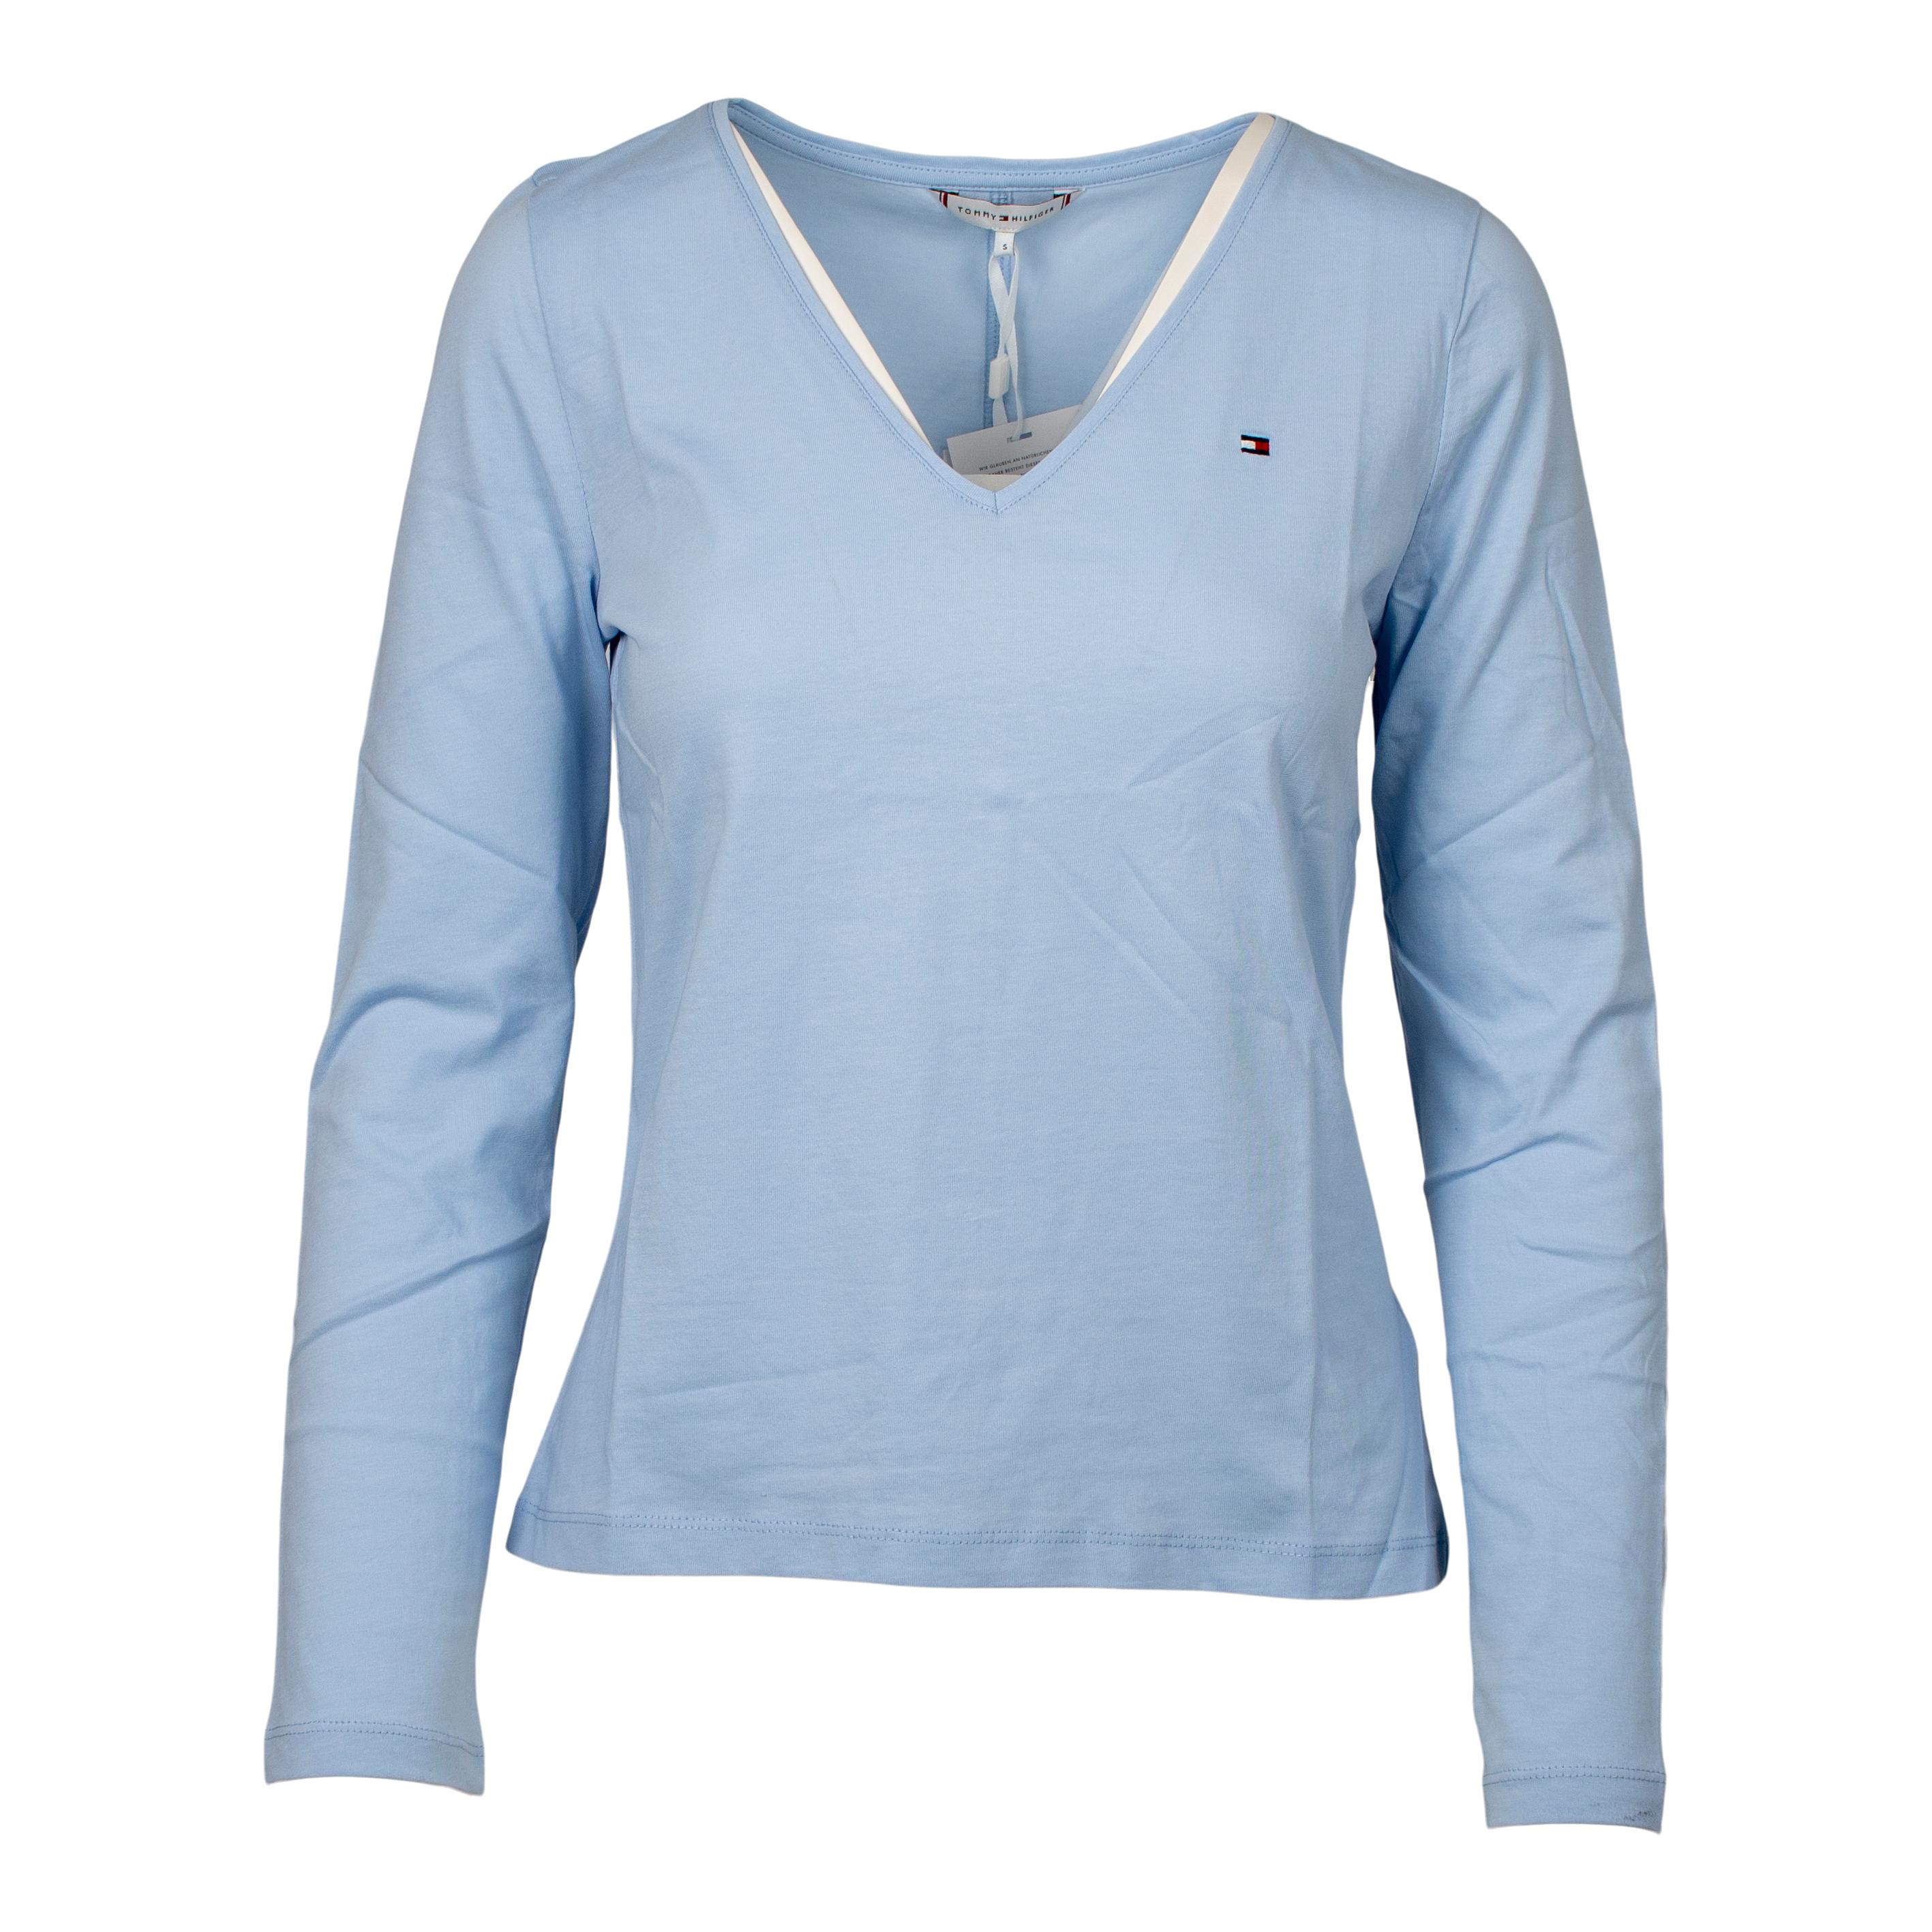 Tommy Hilfiger Regular Classic V-Neck bluse